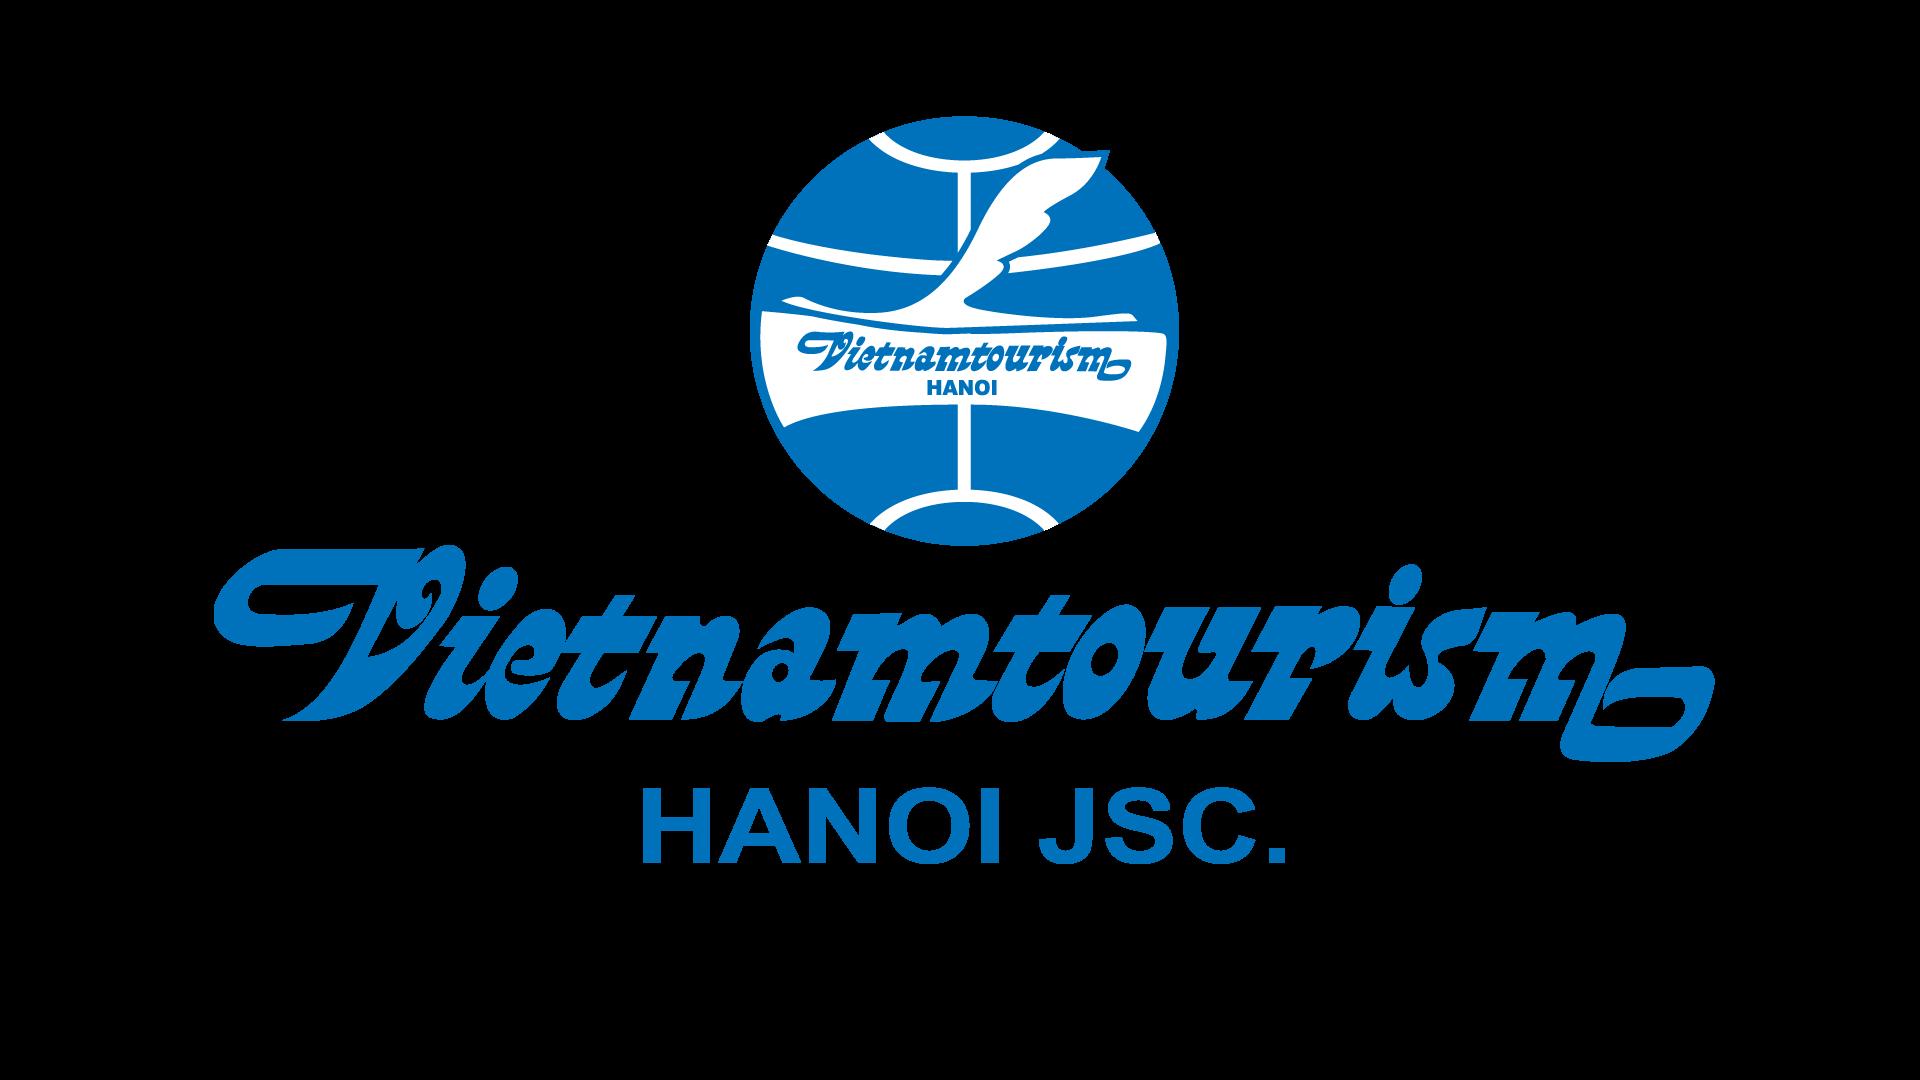 Công ty du lịch Việt Nam - Vietnamtourism